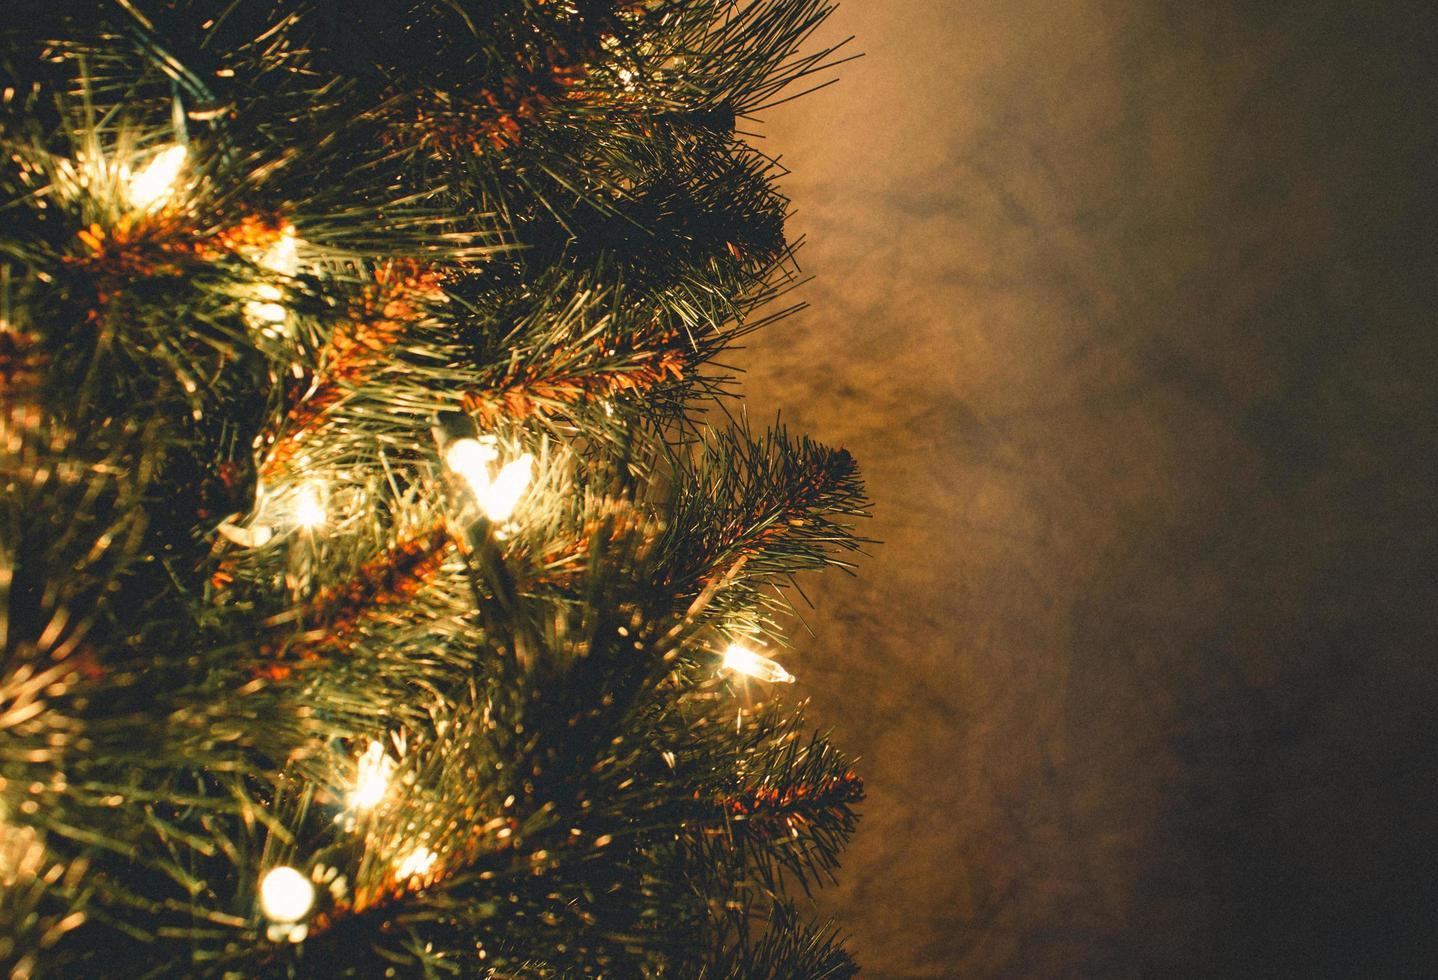 Weihnachtsbaum mit Lichterketten foto